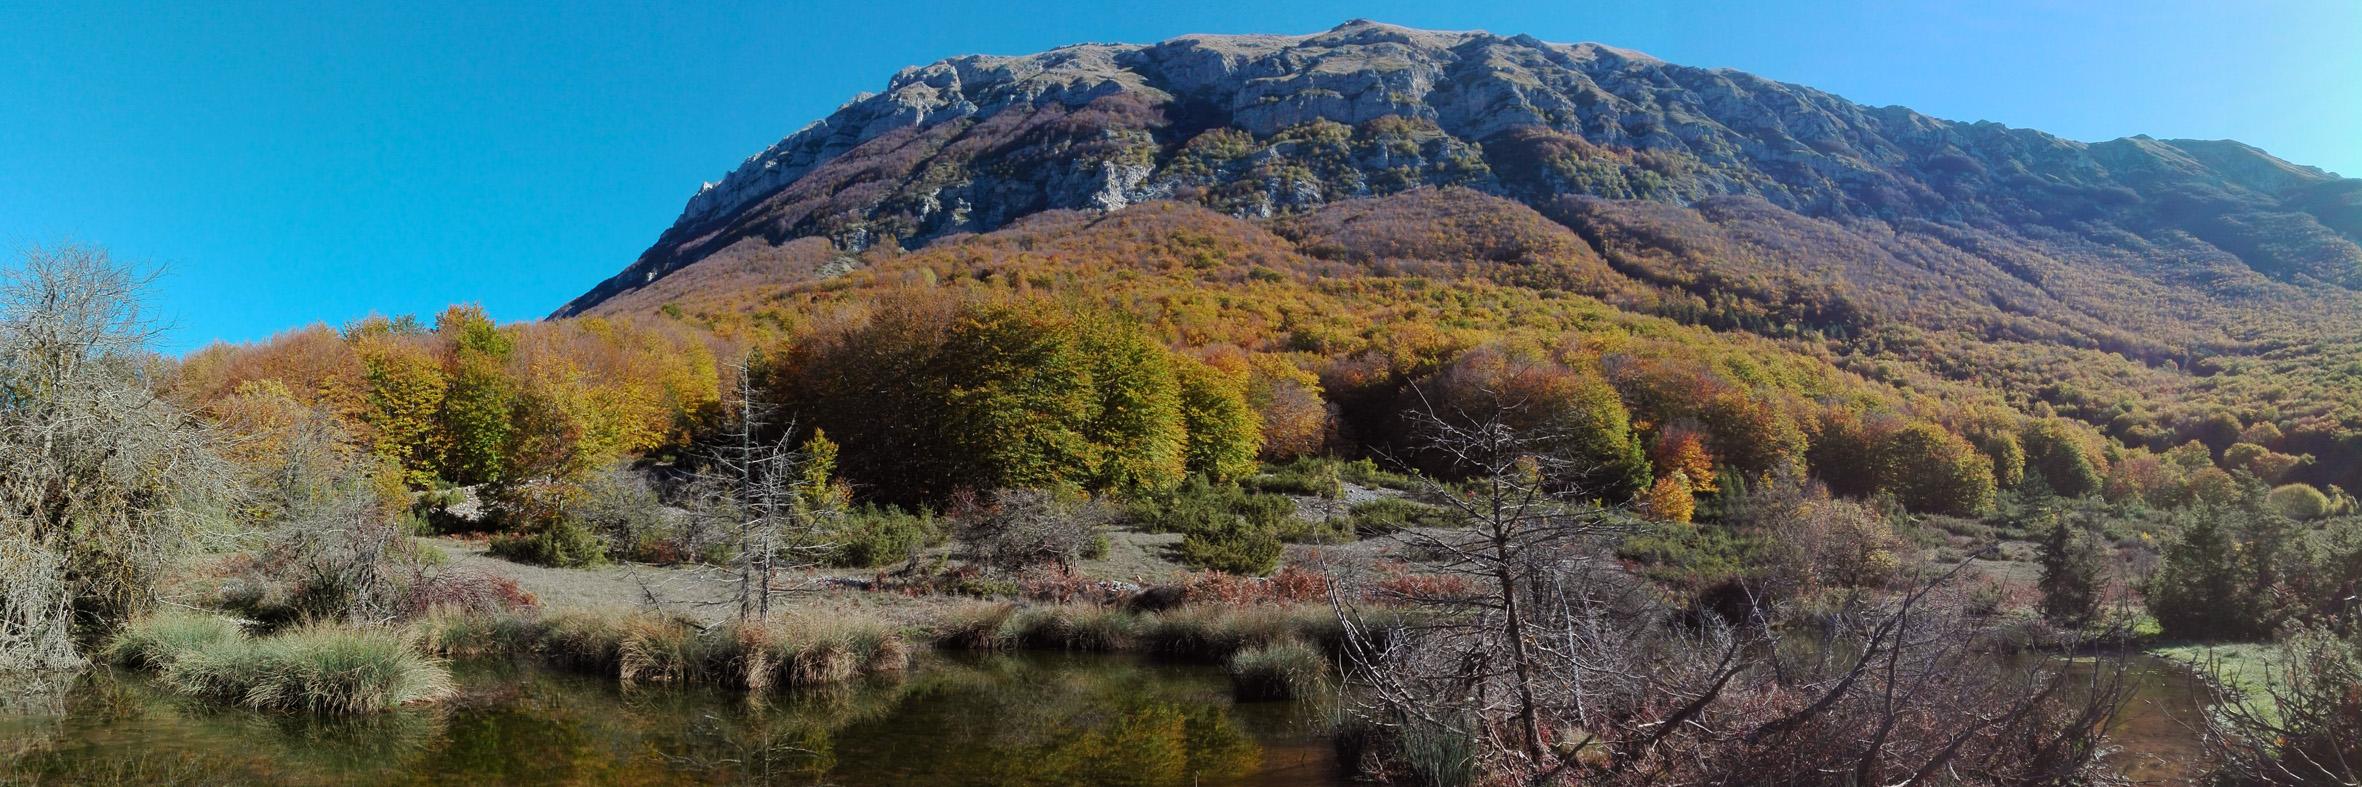 colori autunnali e foliage sulla majella occidentale nei pressi del PineCube